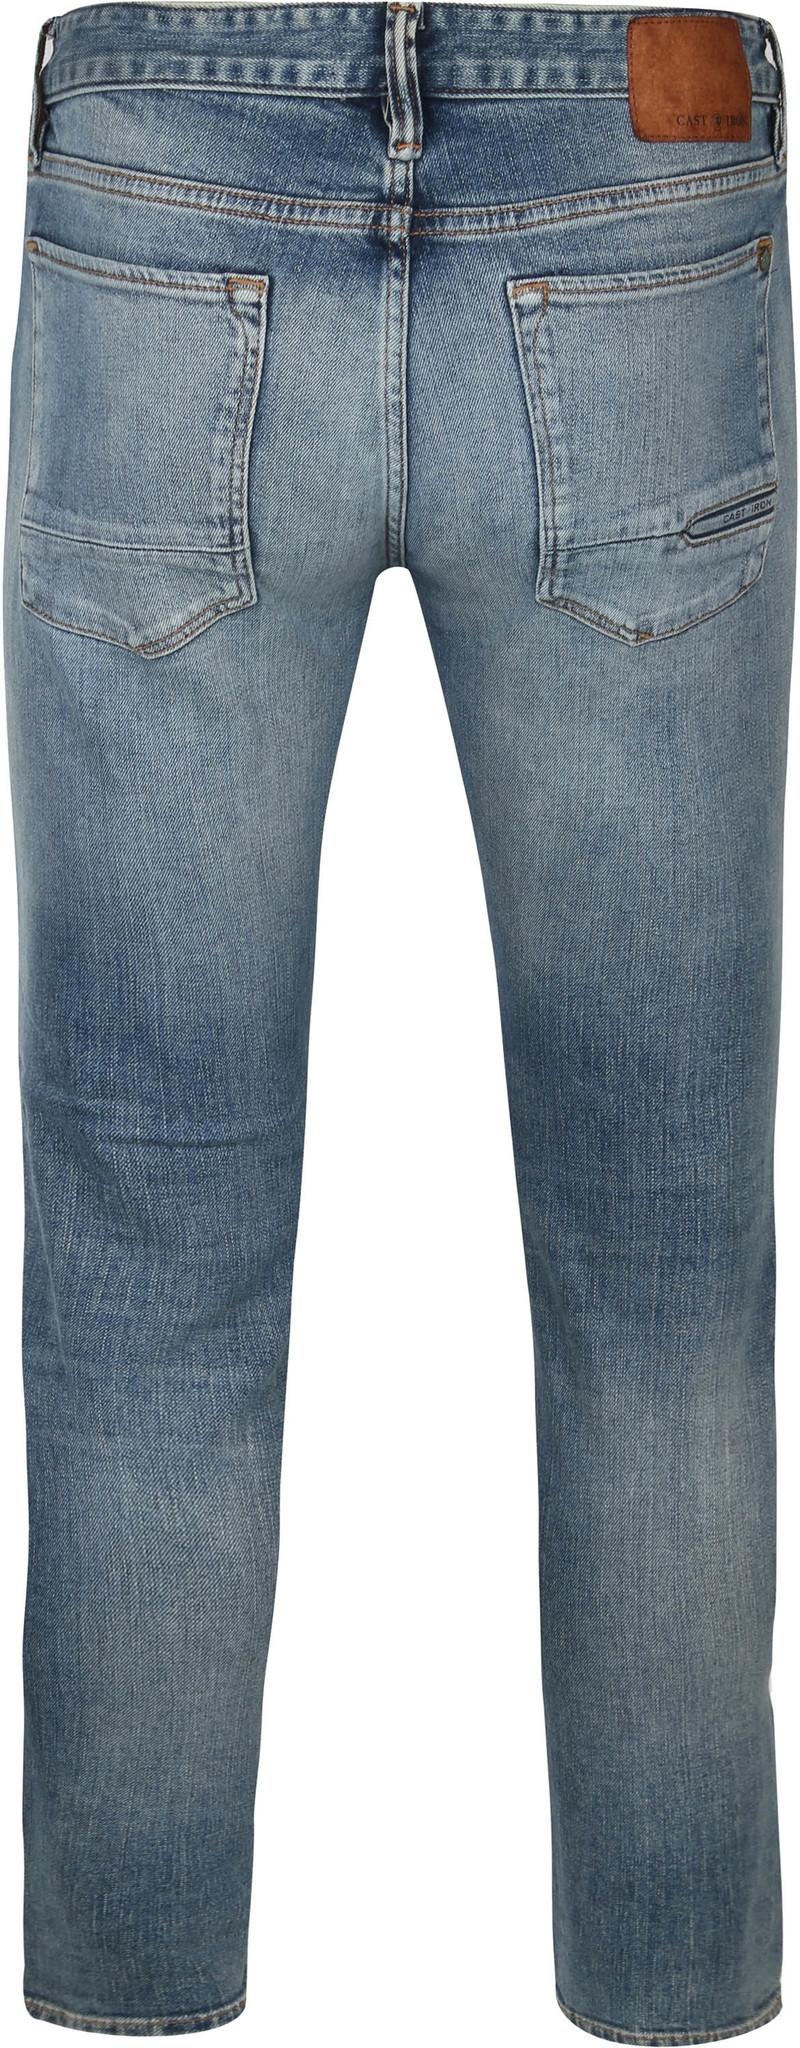 Cast Iron Riser Jeans Clear Sky Blauw - Blauw maat W 34 - L 36